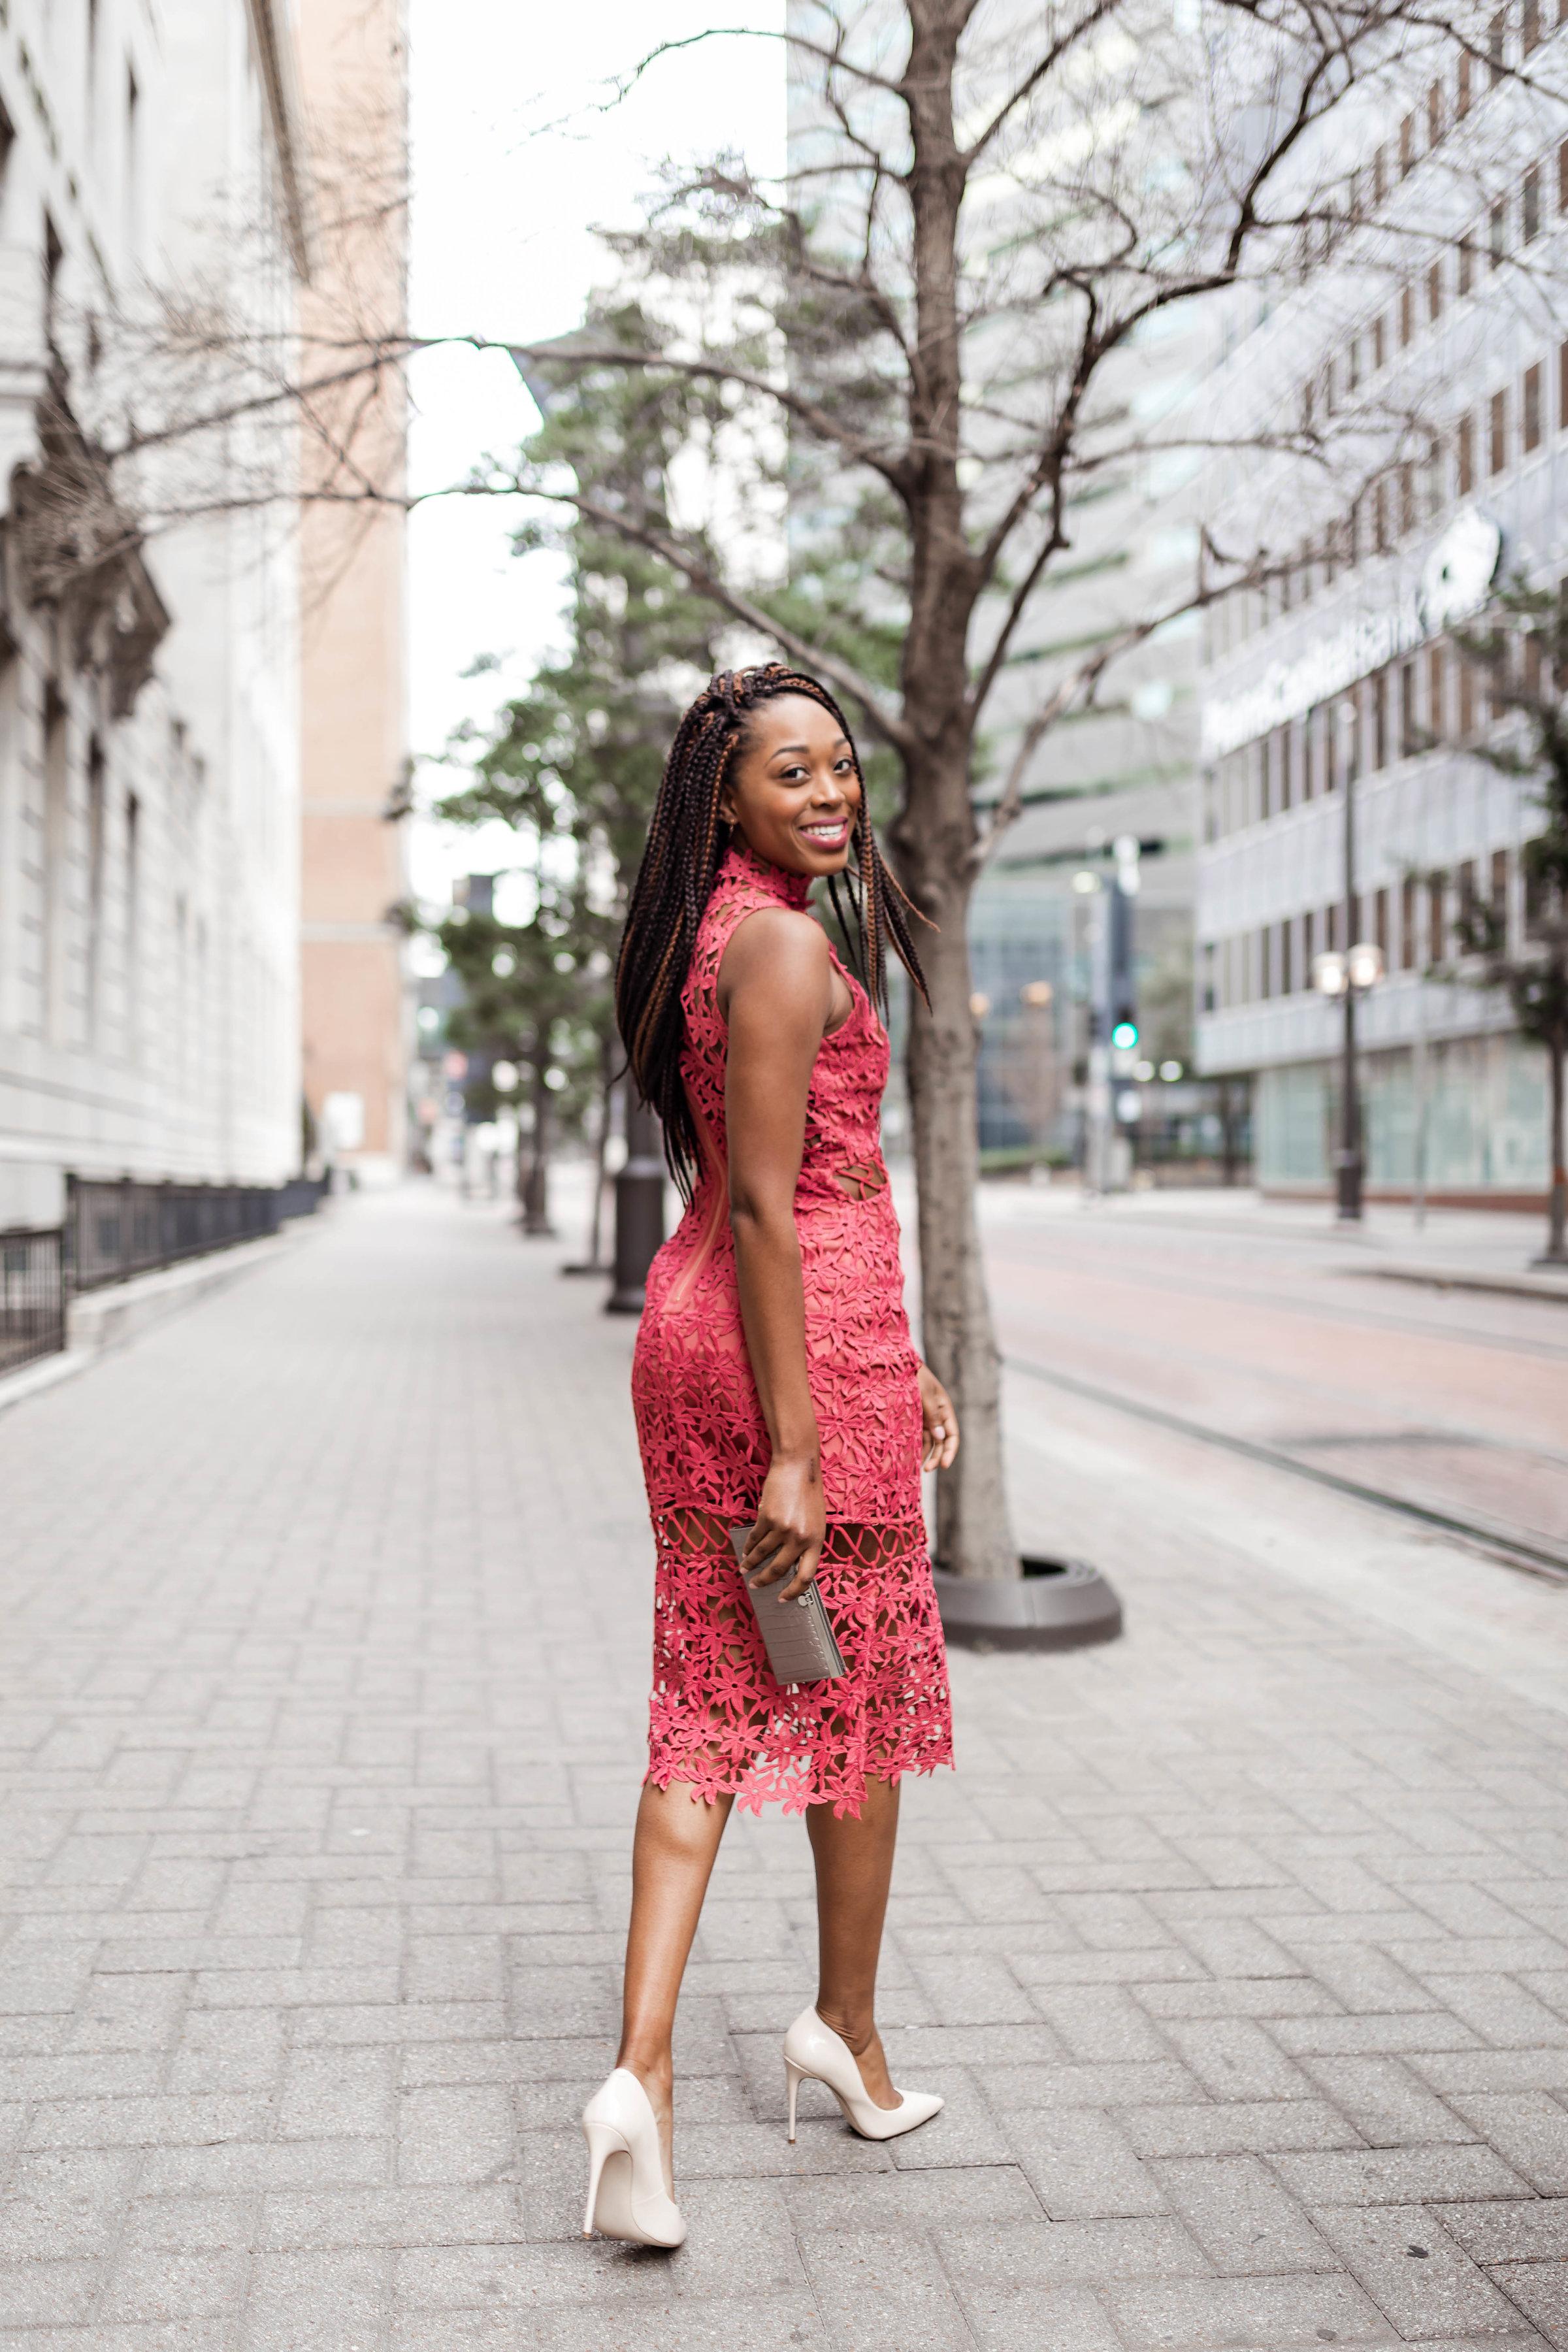 Dress: Dillard's | Shoes: Steve Madden